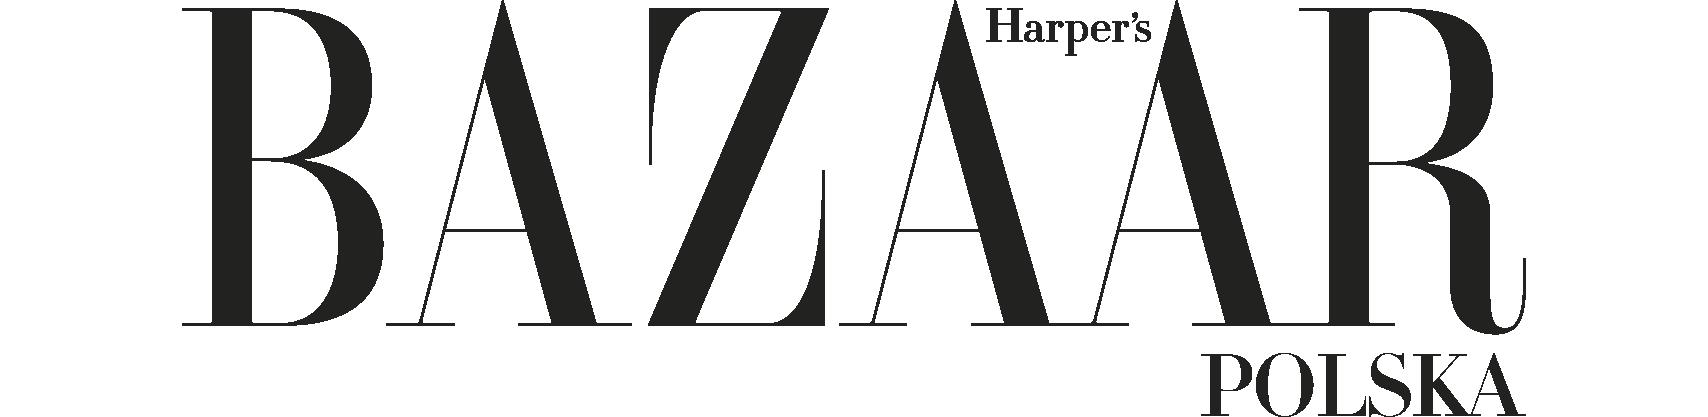 Harpers' Bazaar